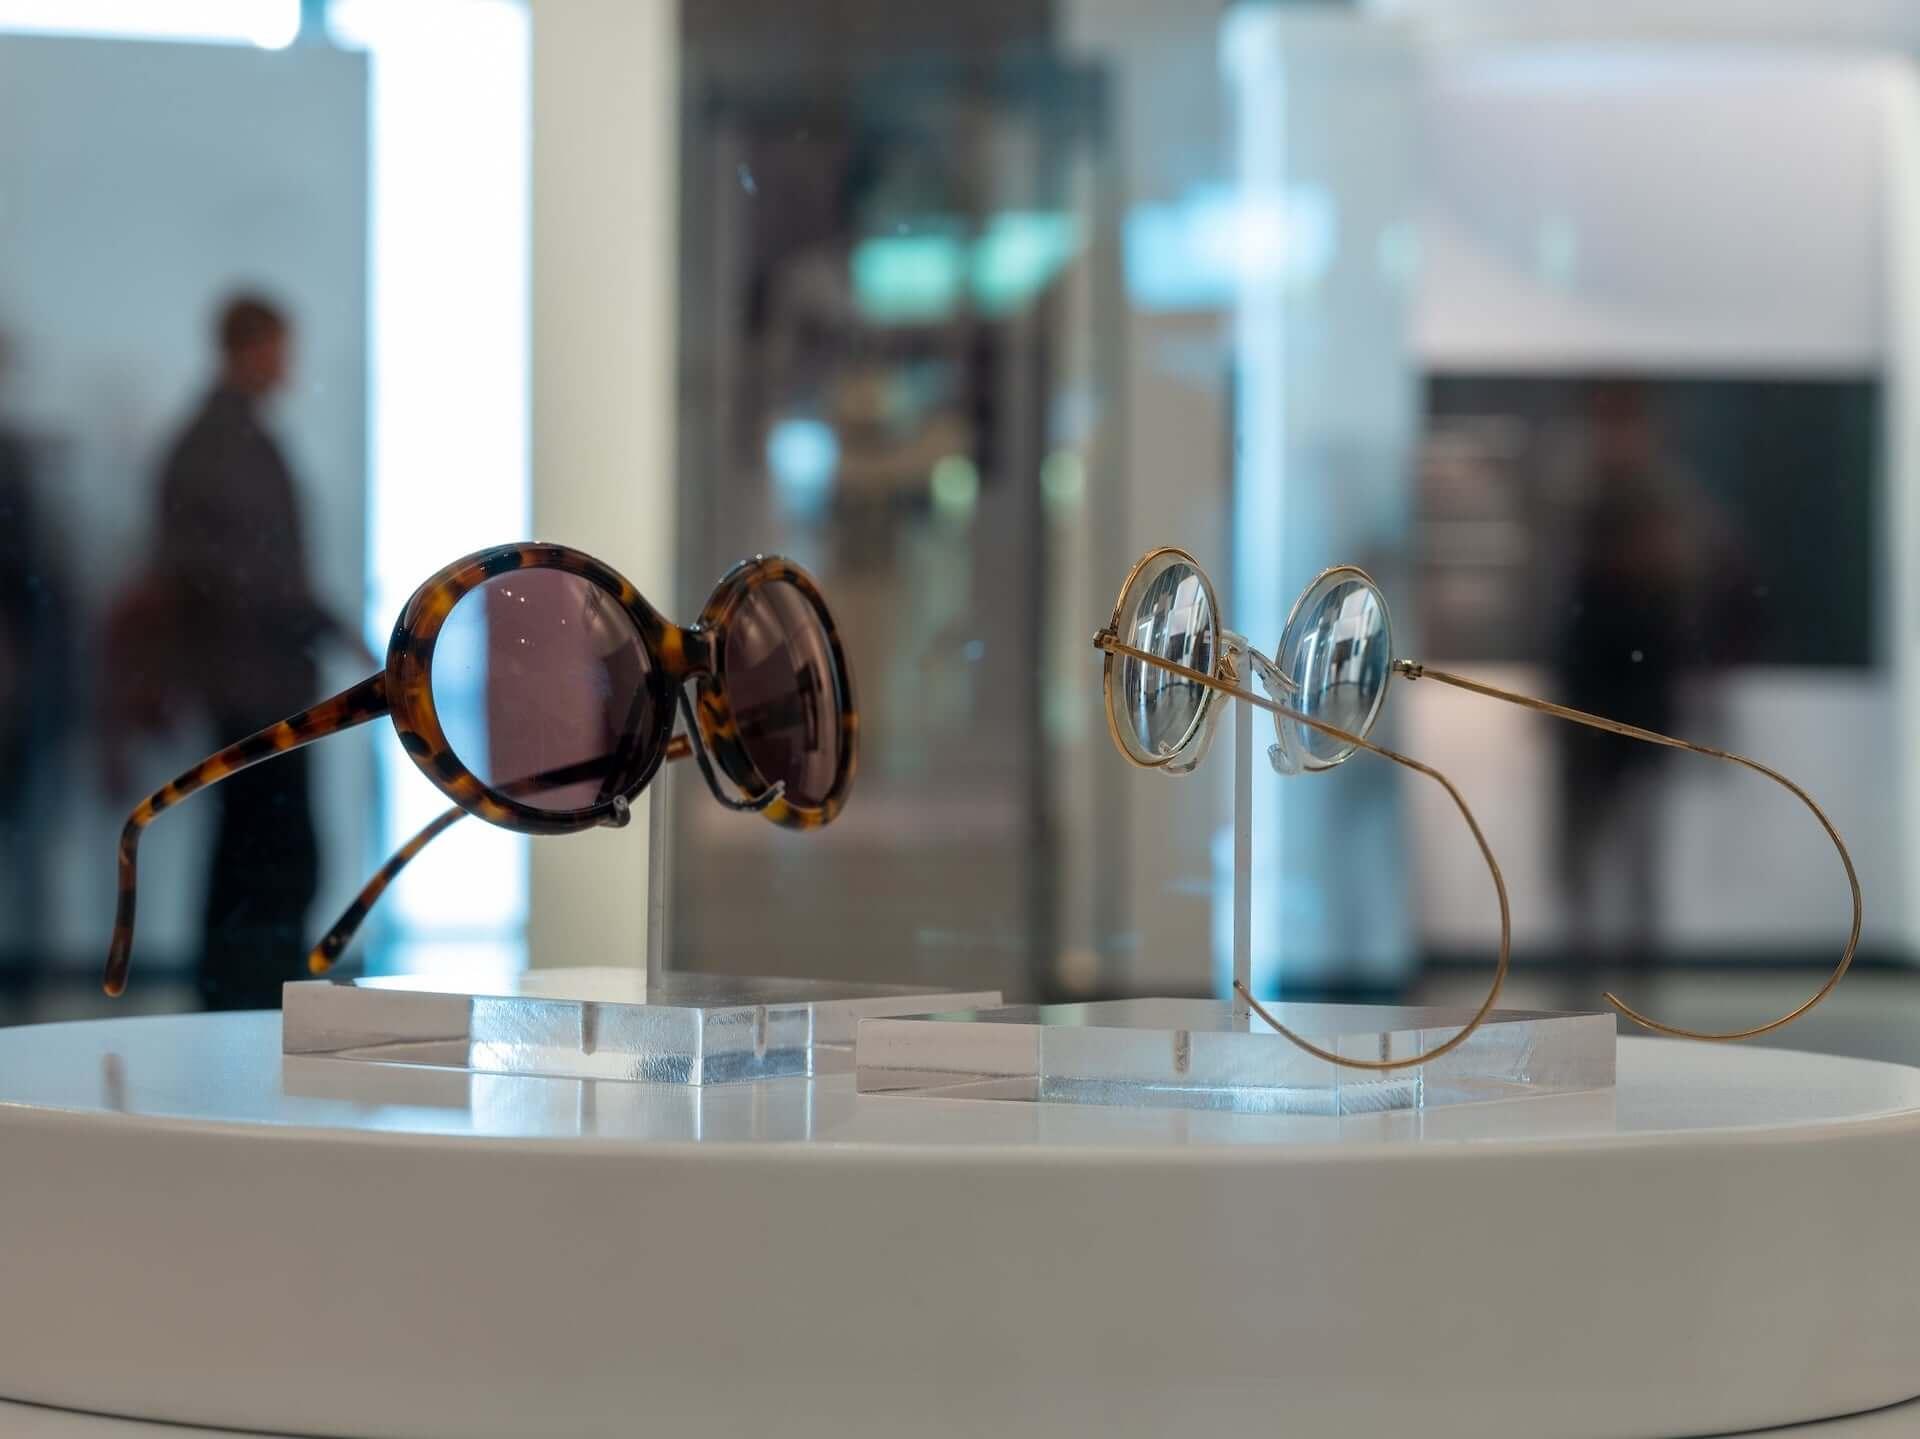 ジョン・レノンとオノ・ヨーコの軌跡を辿る展覧会<DOUBLE FANTASY - John & Yoko>東京展が開催決定!私物など100点以上展示 art200630_doublefantasy_6-1920x1439